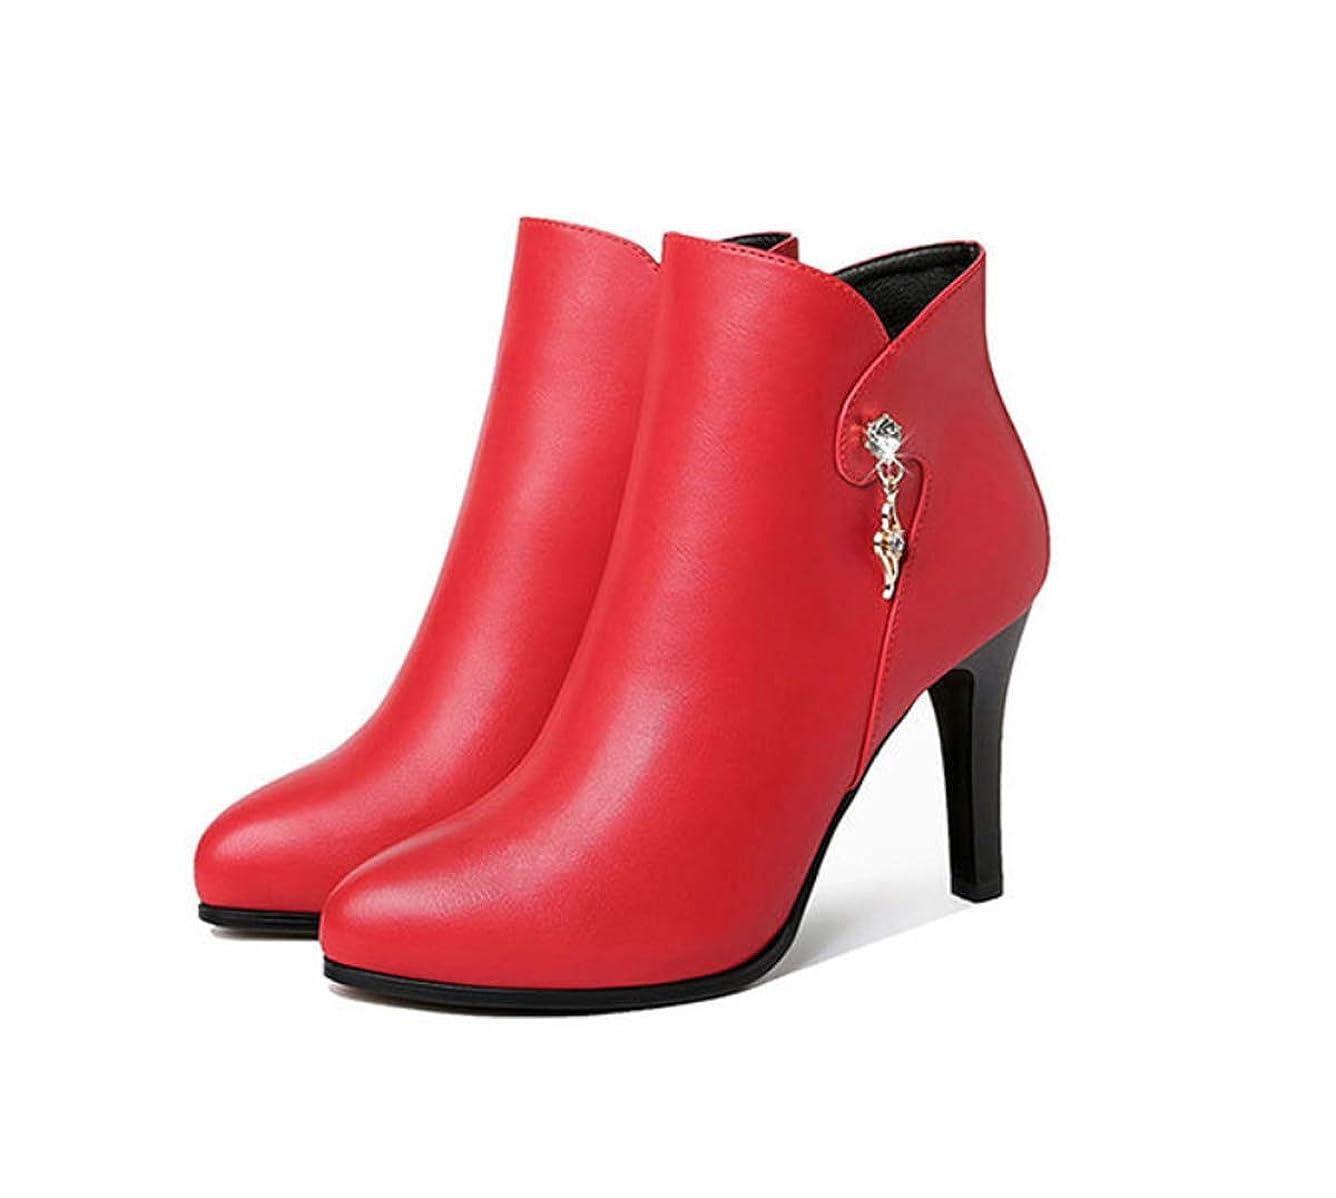 簡単に暴徒定常女性用ブーツハイヒールジッパーアンクルブーツ2018年ファッションレディースブーティー秋冬用ブラックレッド